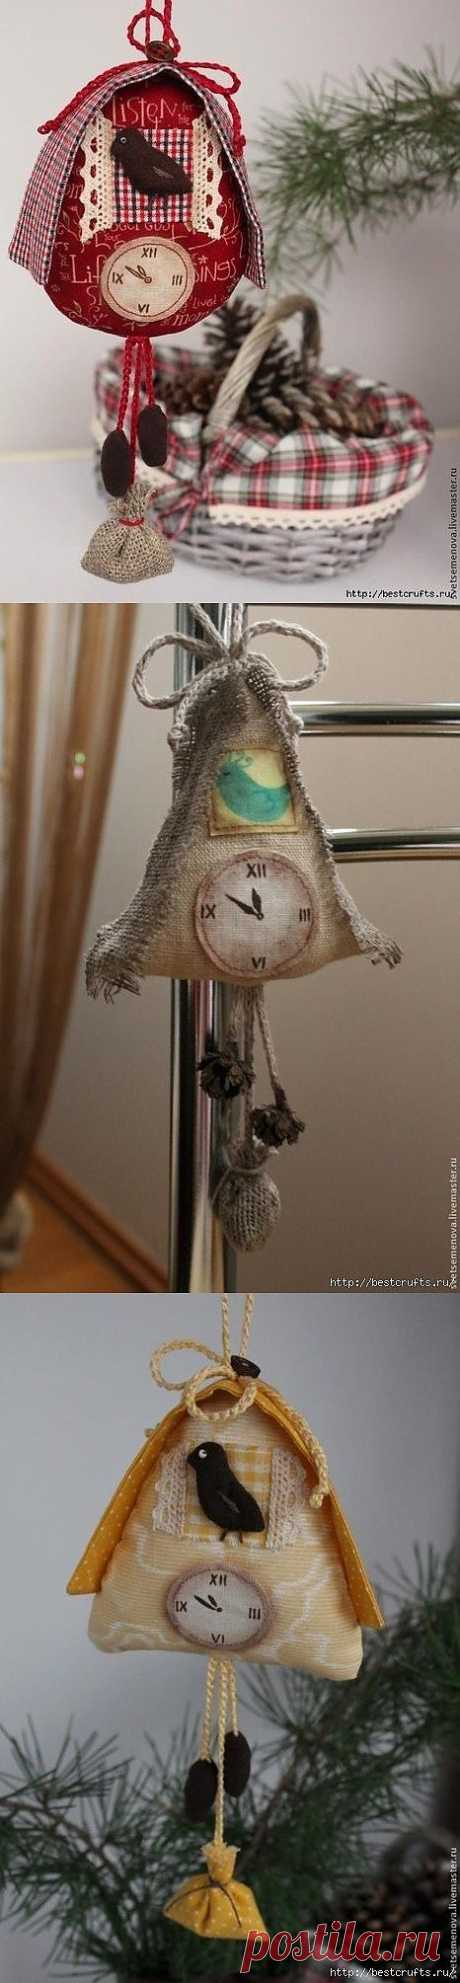 De Año Nuevo interernoe adornamiento: ¡el reloj cucú!